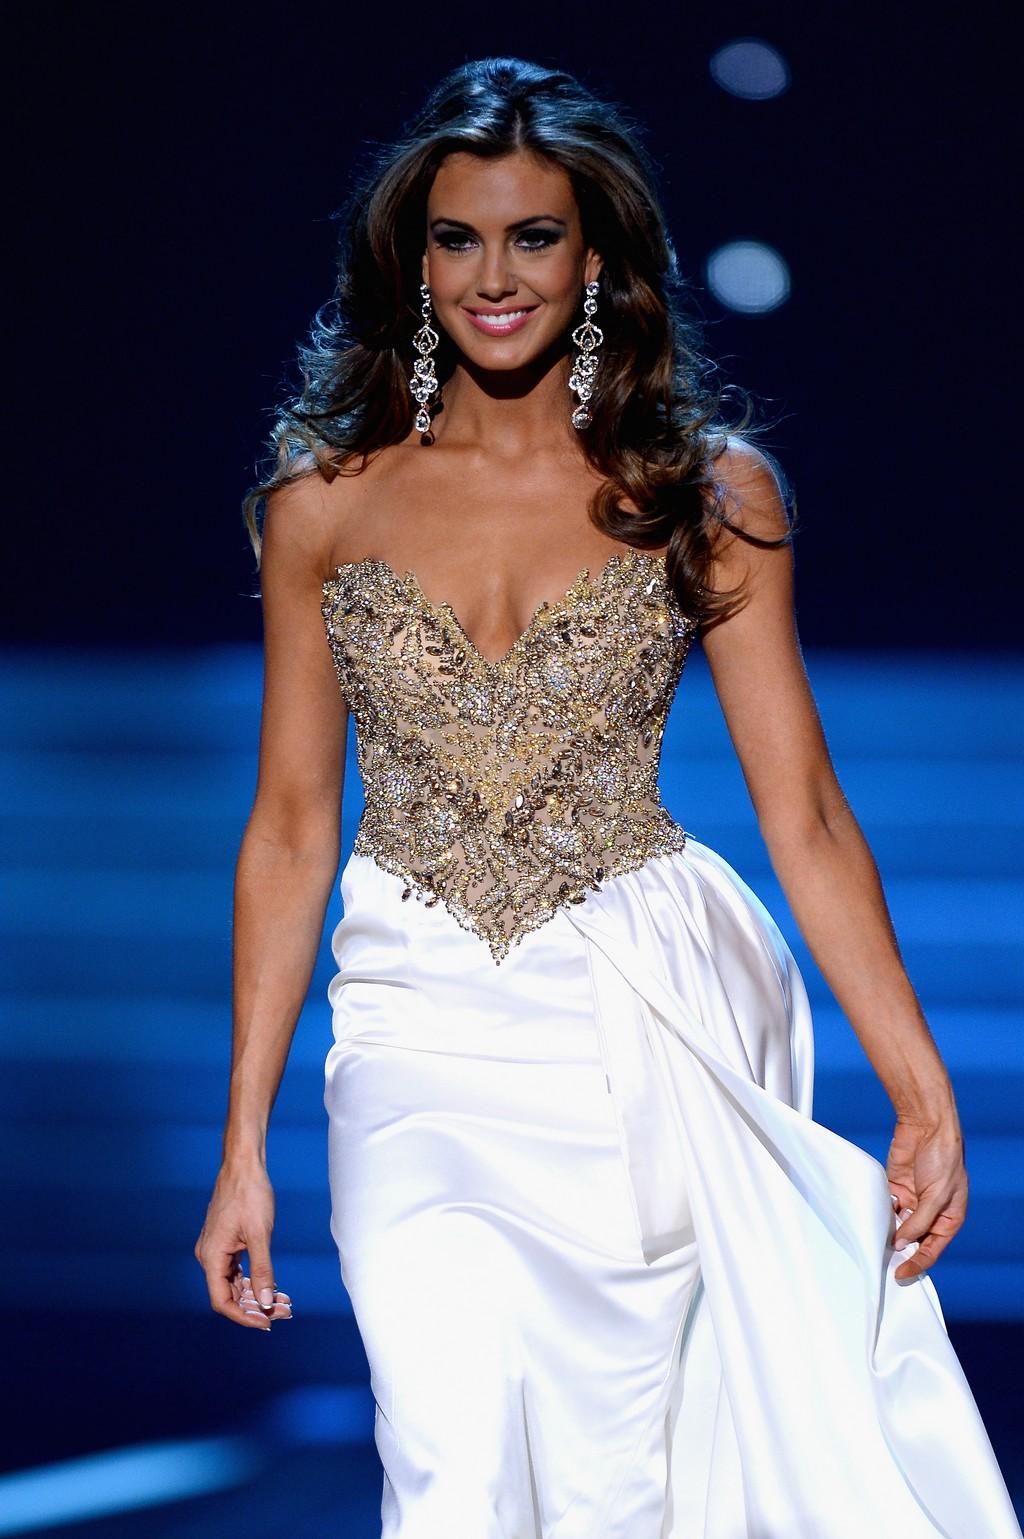 Erin Brady Miss USA 2013